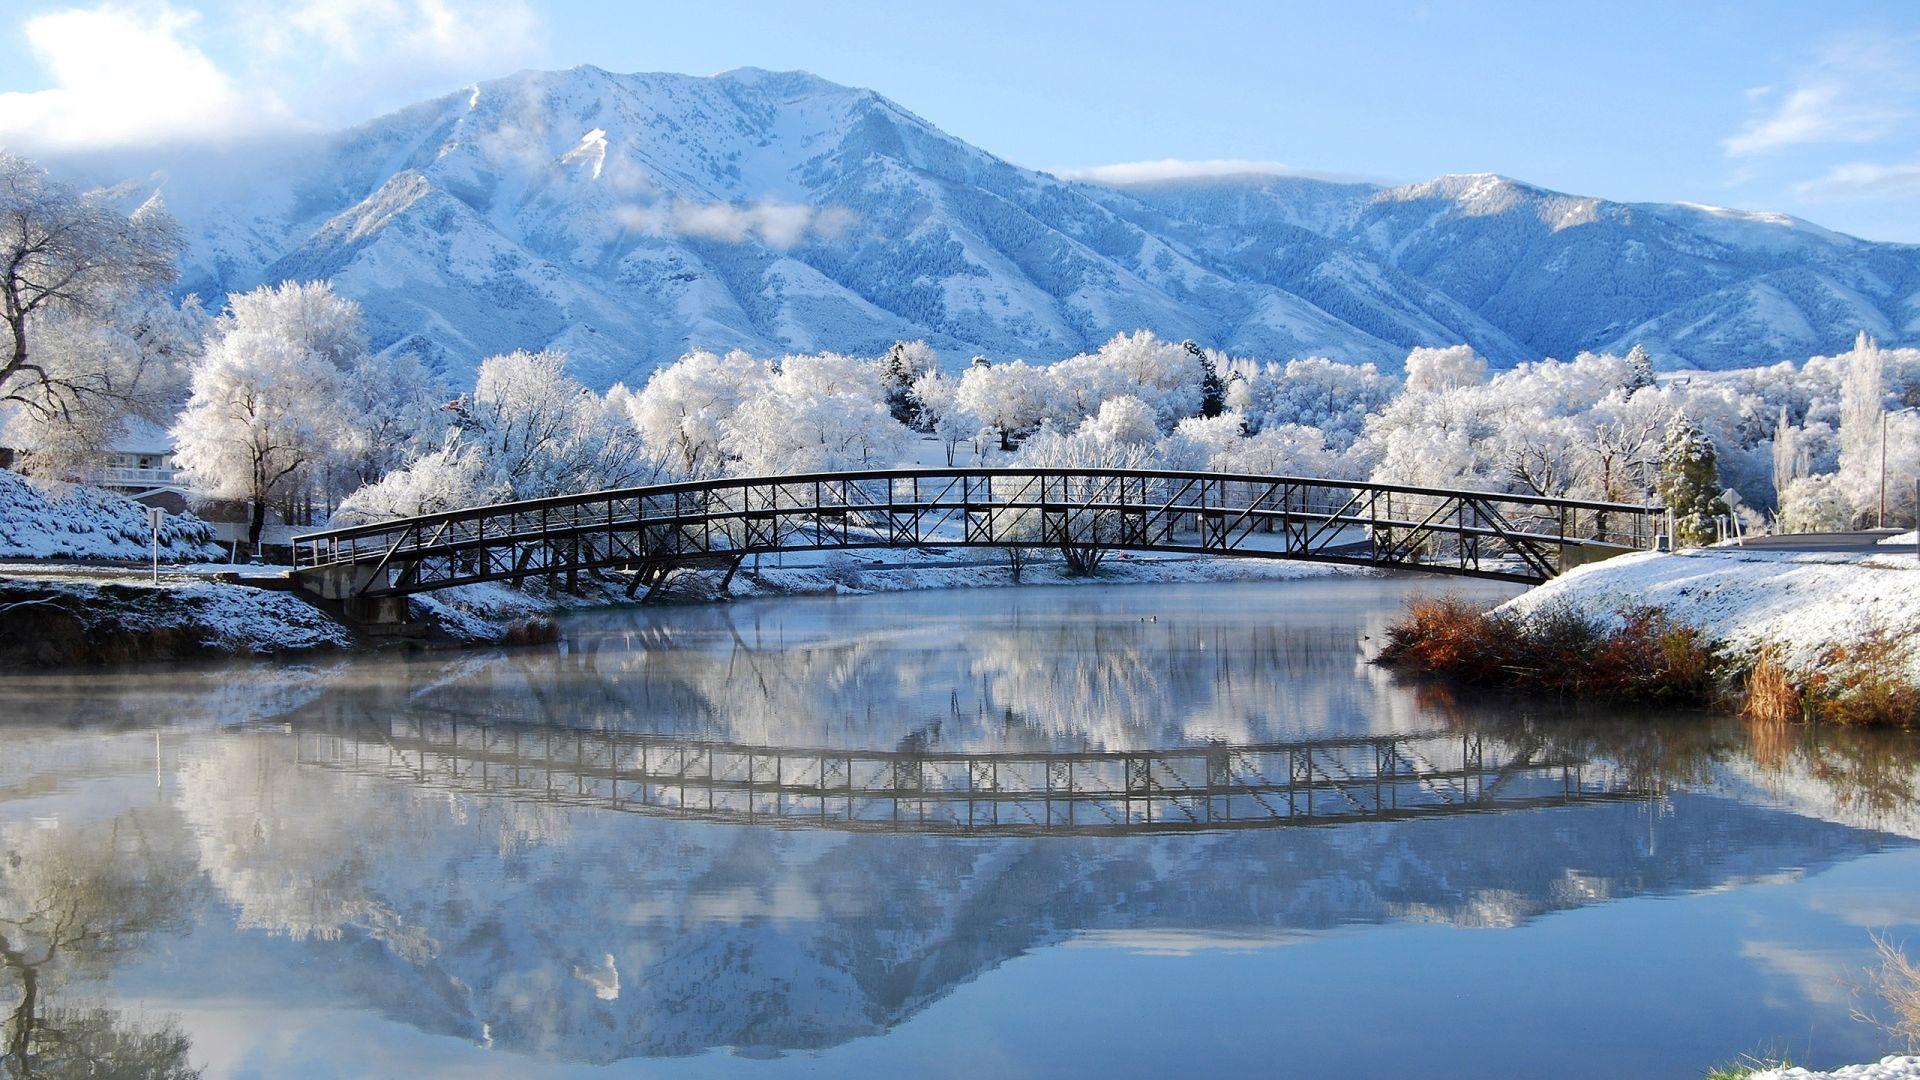 Assez Pont en hiver superbe paysage - 10 000 Fonds d'écran HD gratuits  WH21